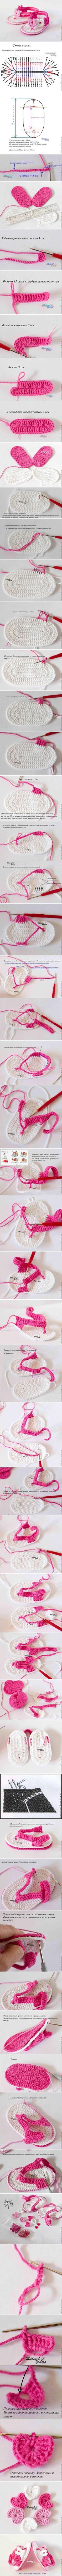 Crochet Baby Booties DIY Little Girl Stylish Booties DIY Projects | UsefulDIY.com